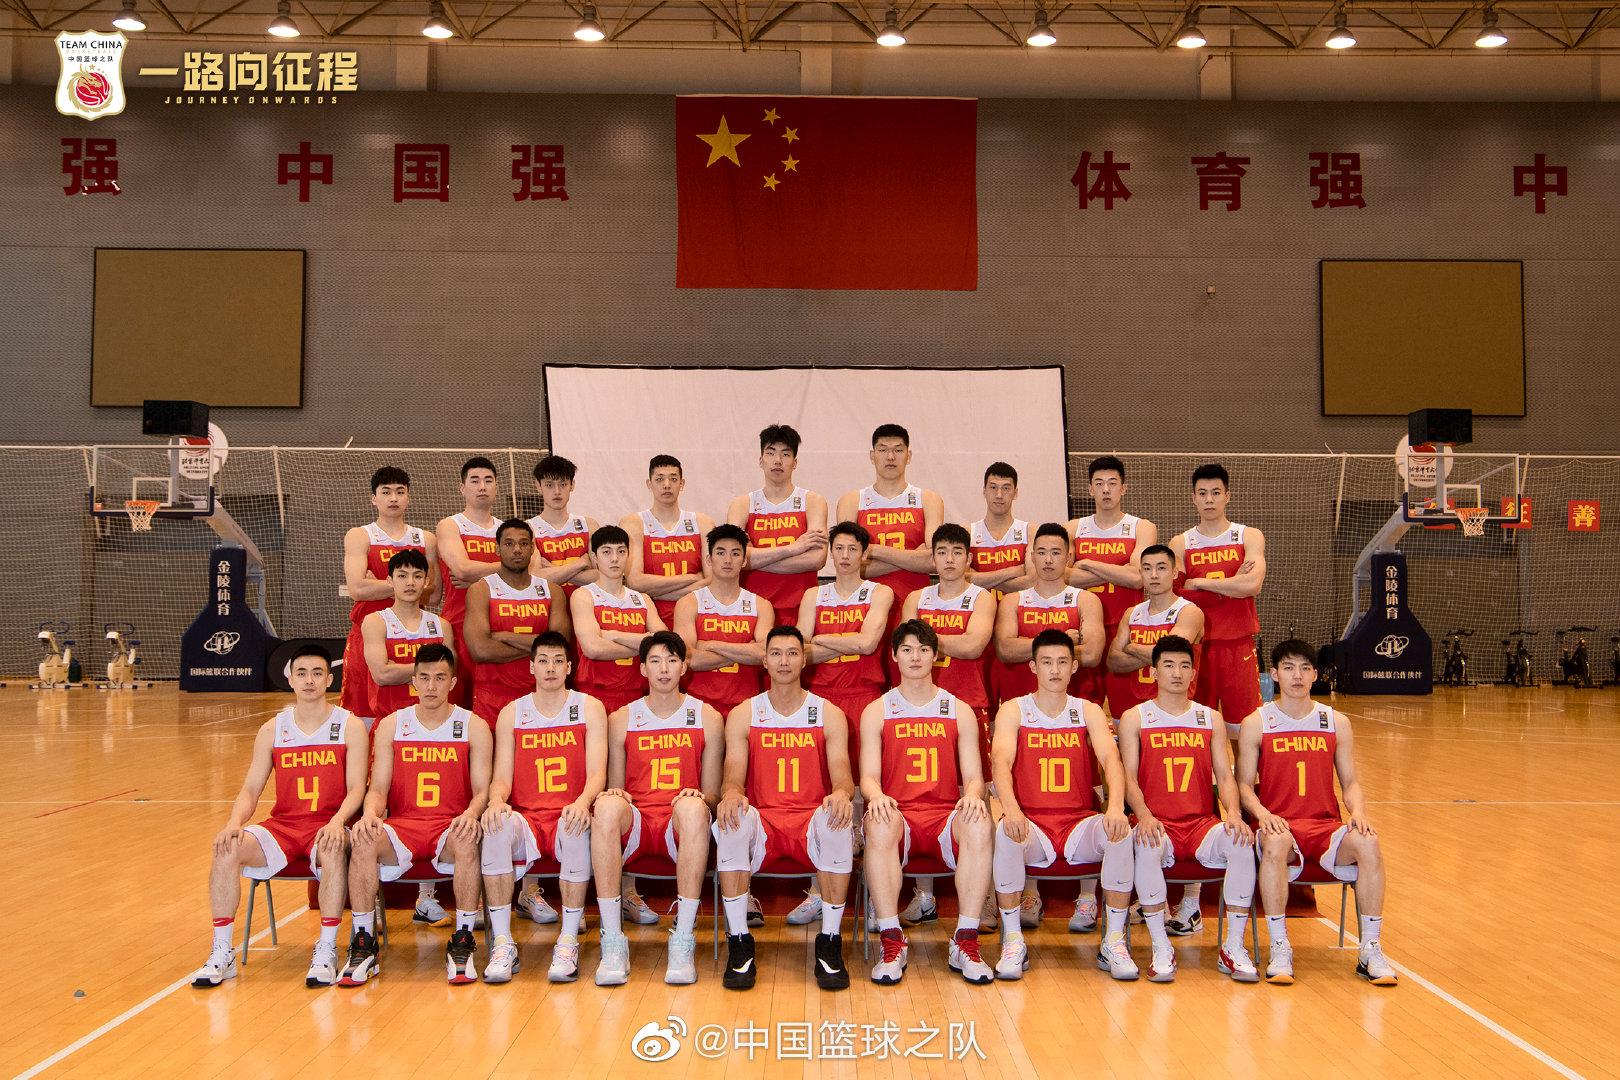 周琦领衔中国男篮14人大名单,18岁小将曾凡博入选